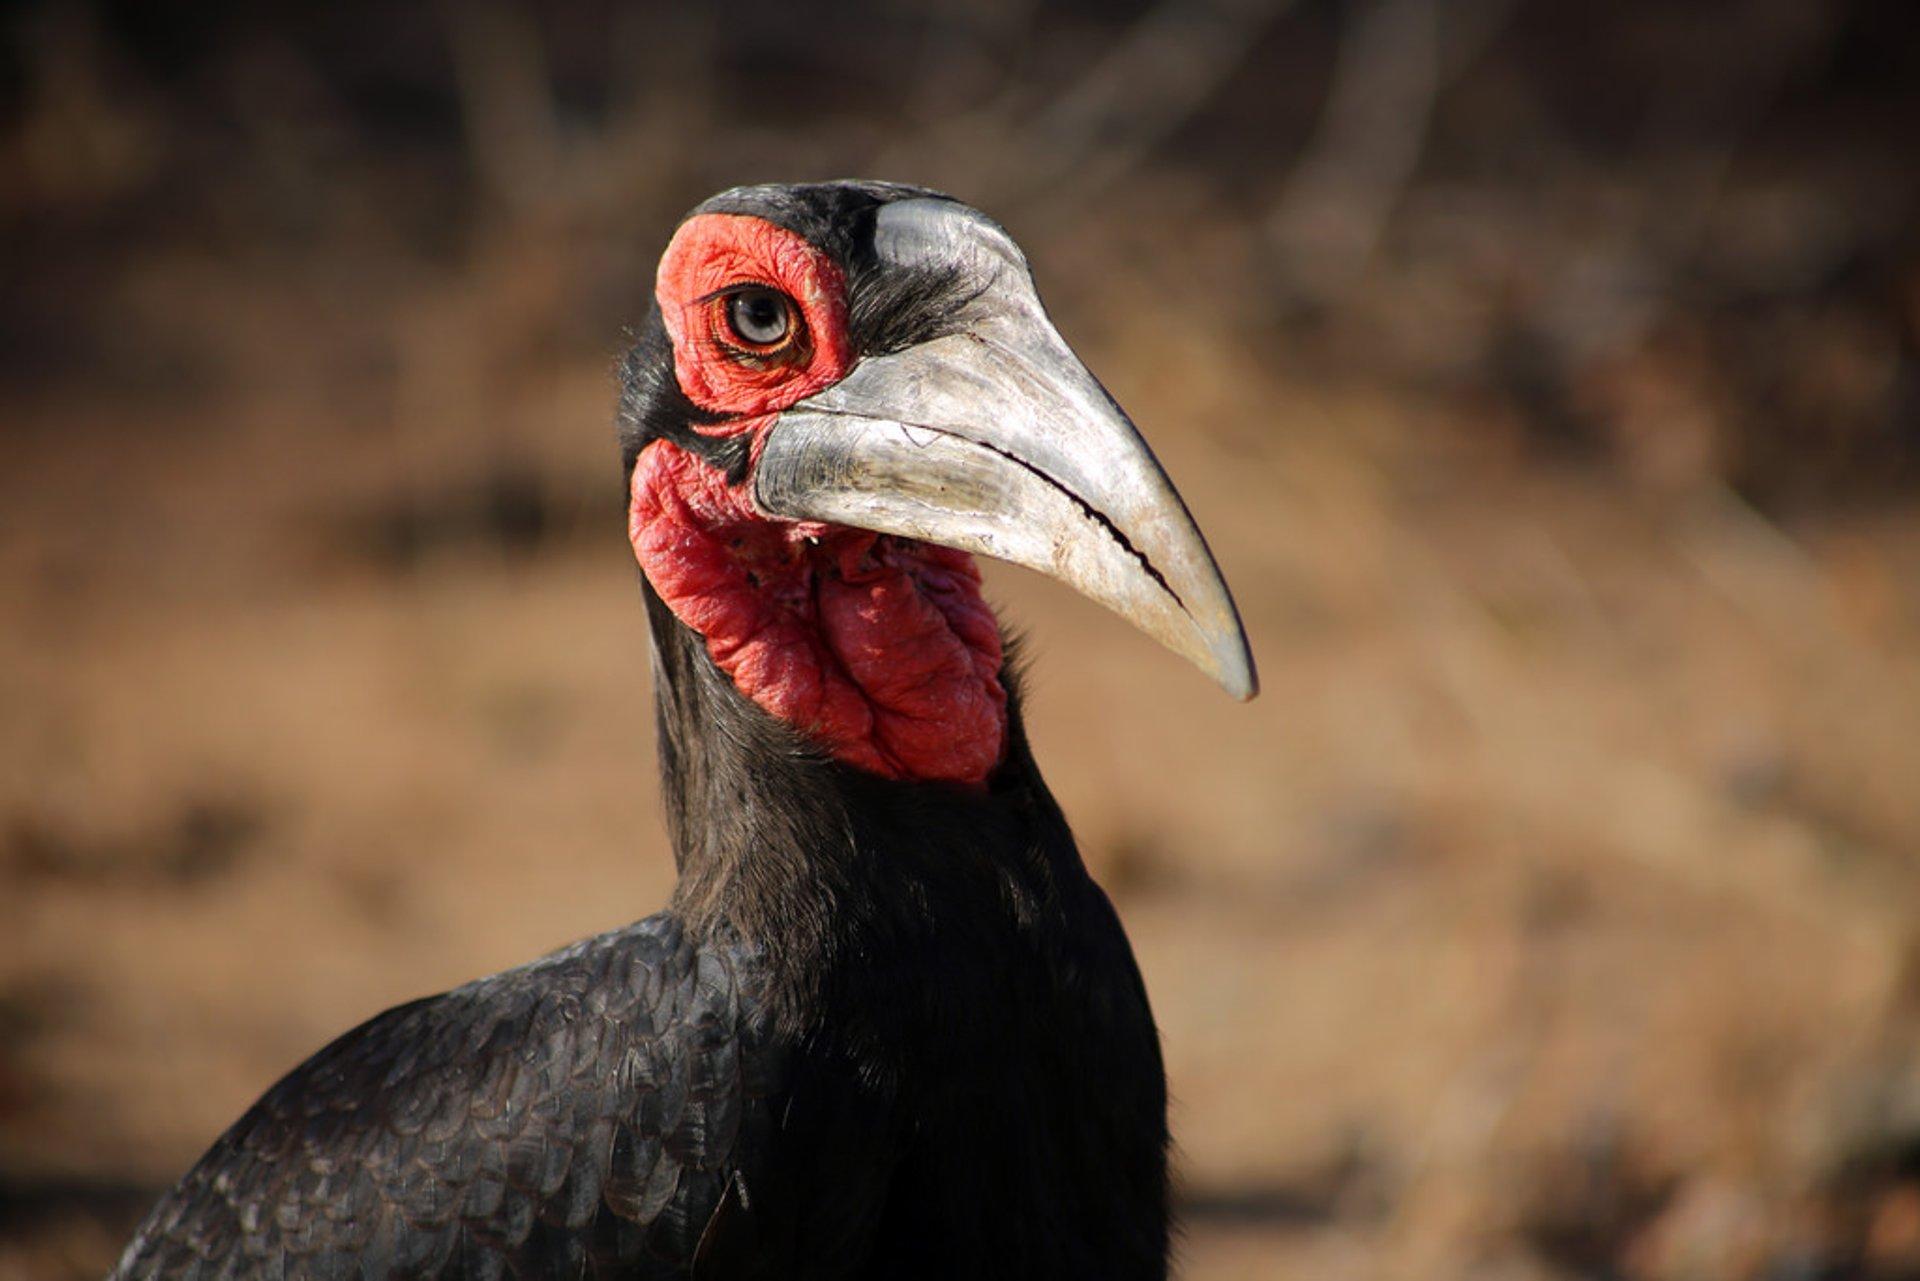 Ground hornbill 2019